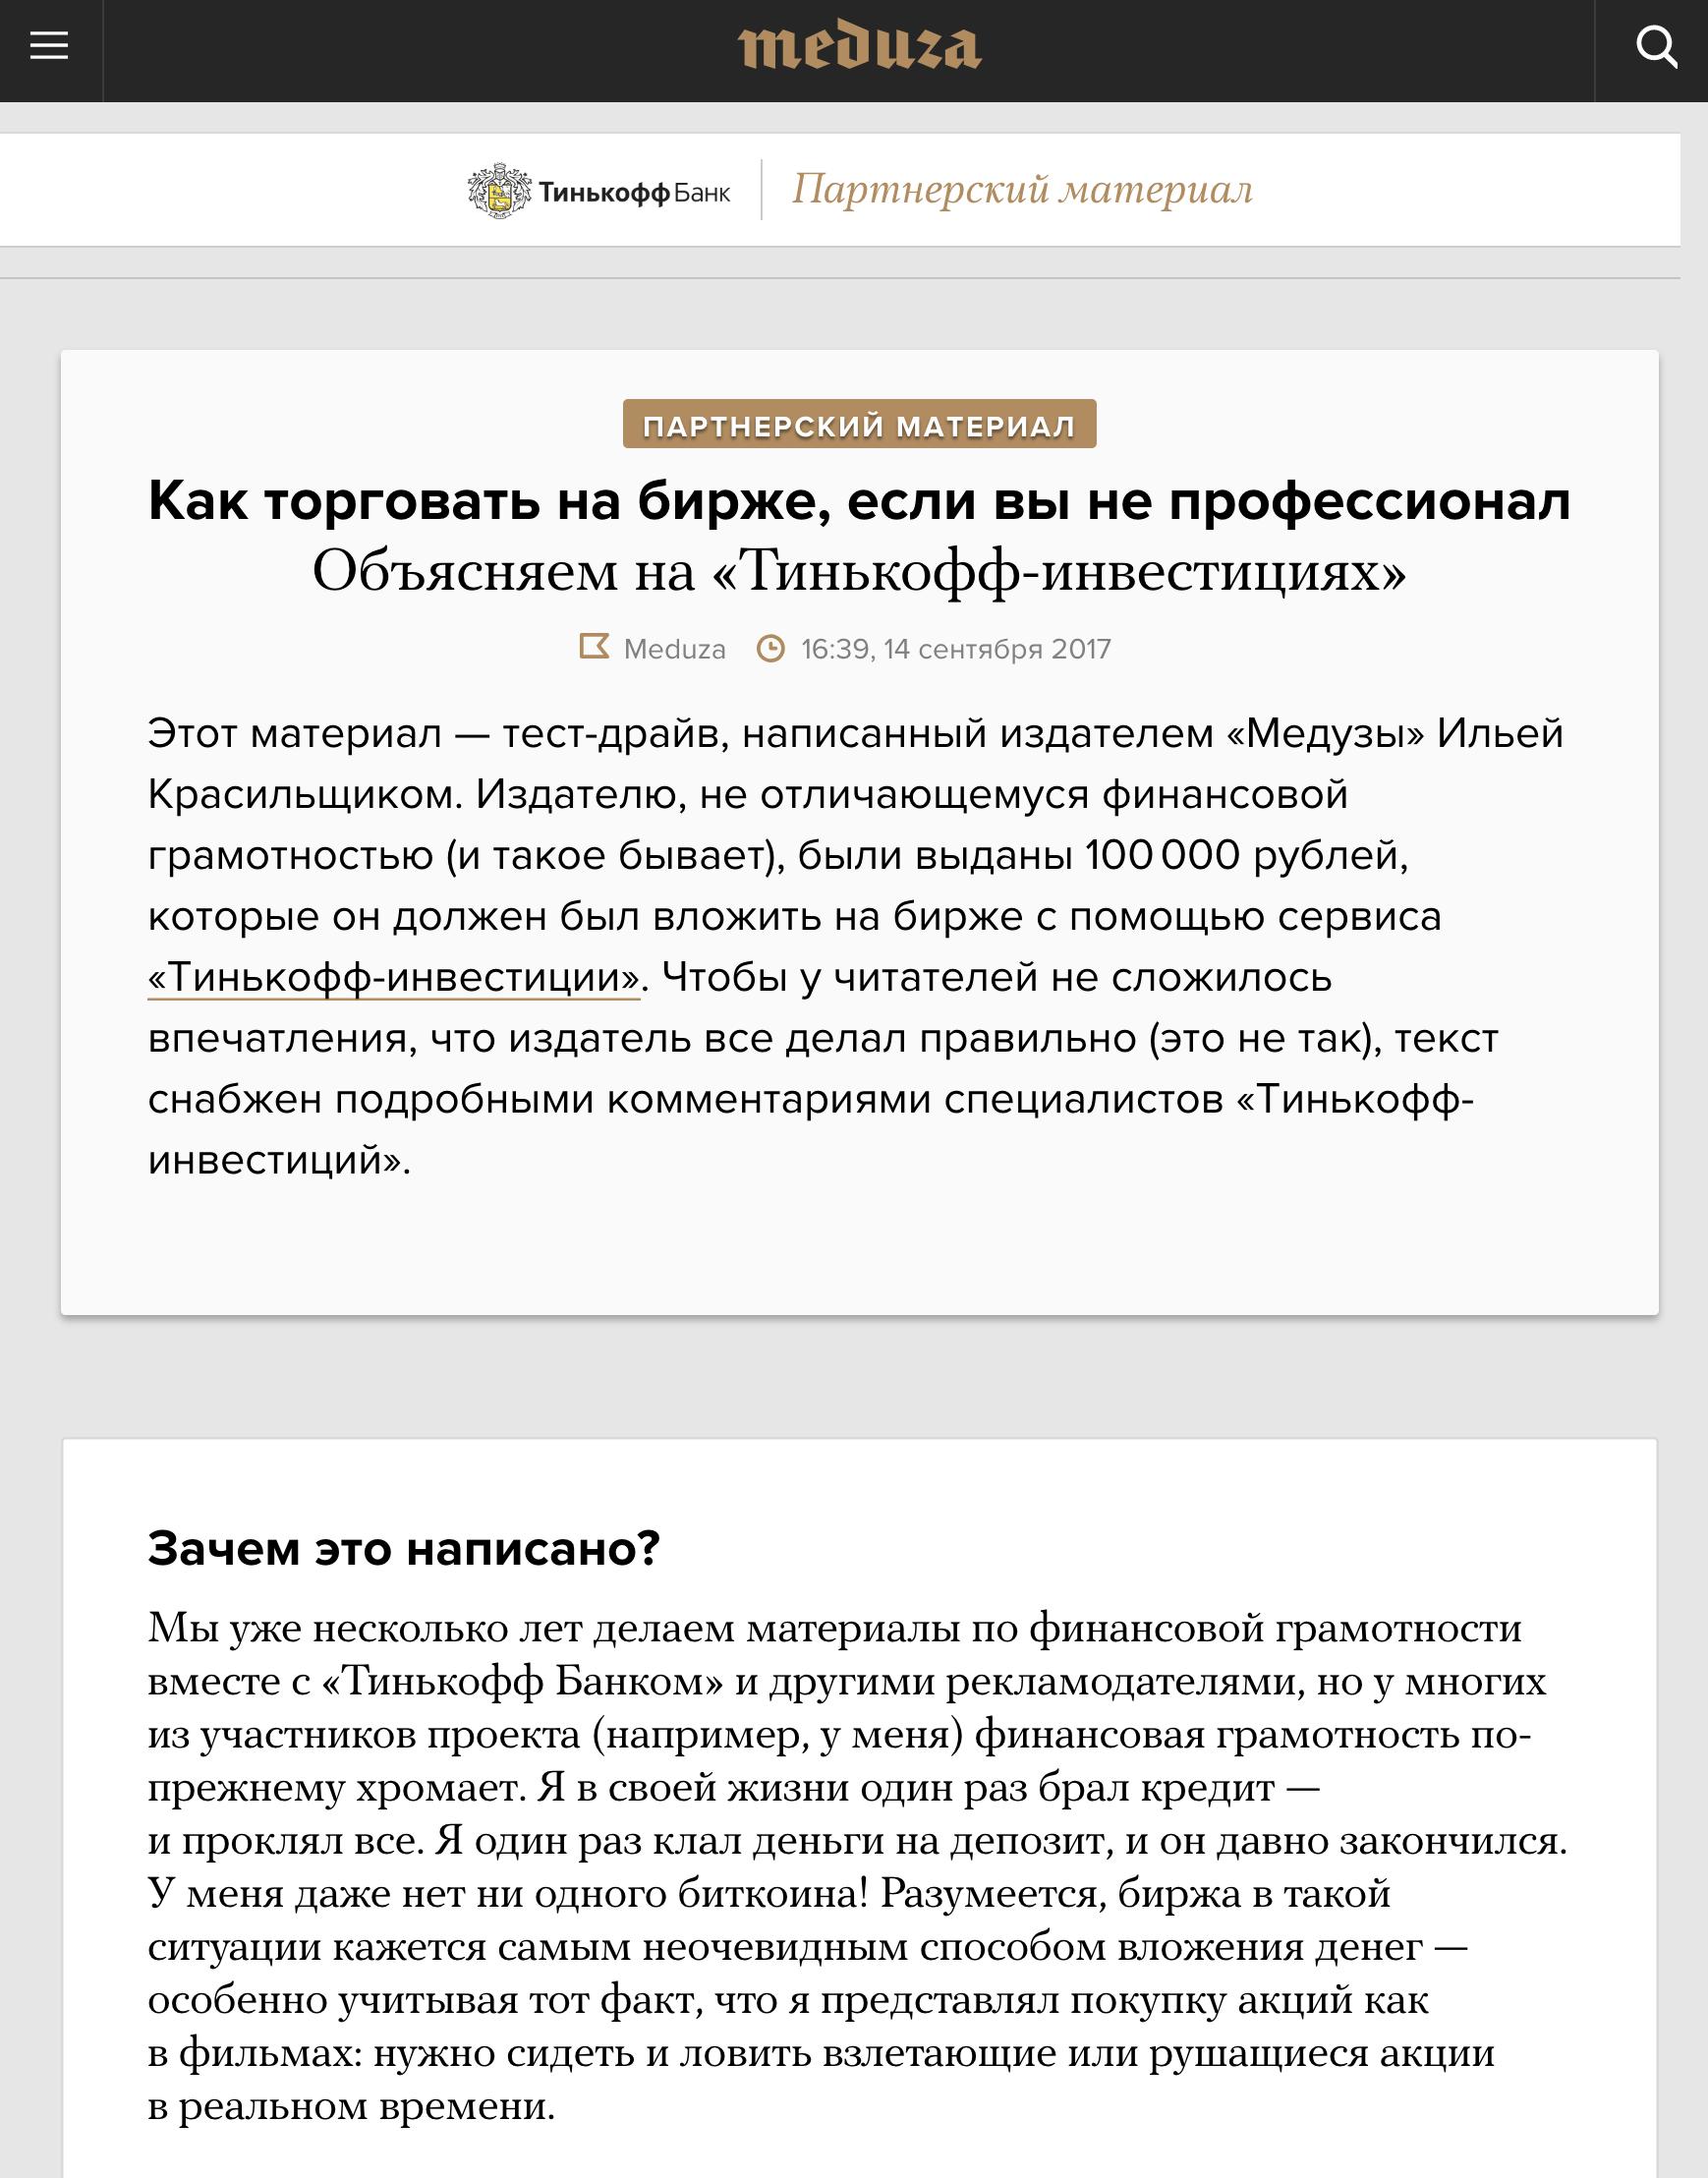 Партнерский материал «Медузы» и Тинькофф-инвестиций